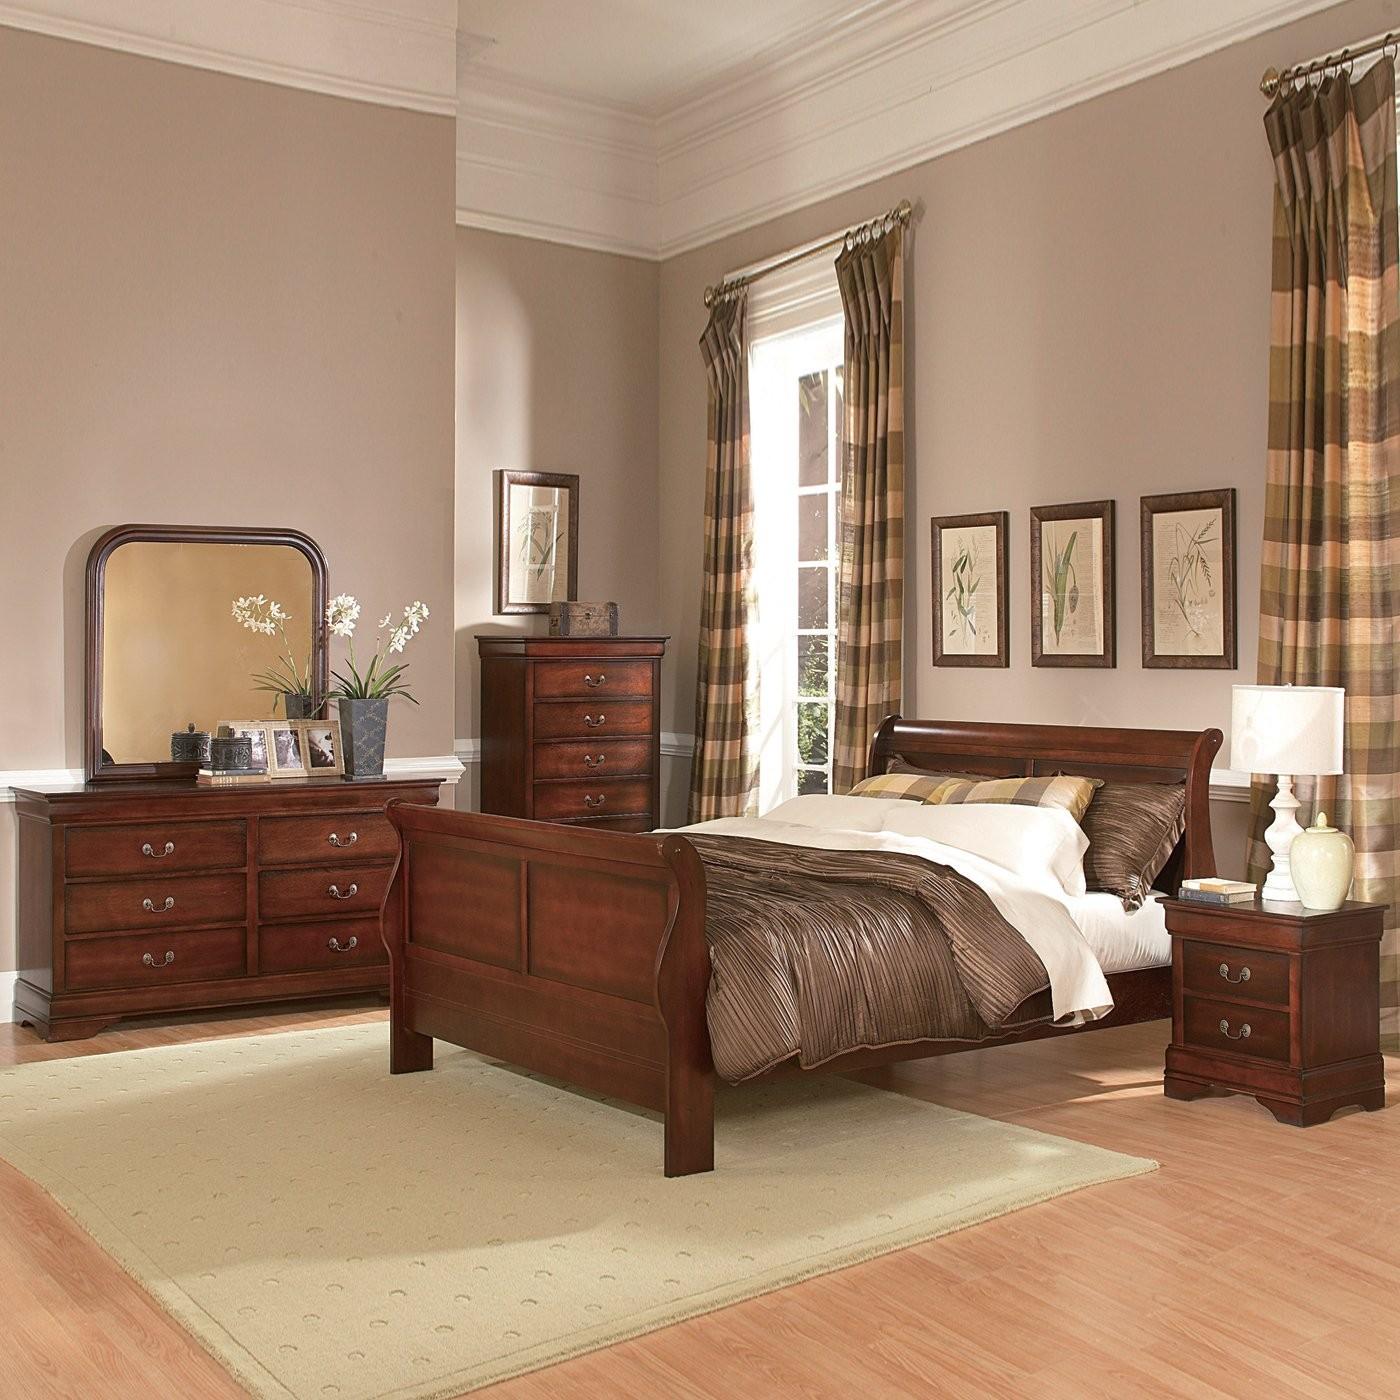 Brown Bedroom Sets   Marceladick.com